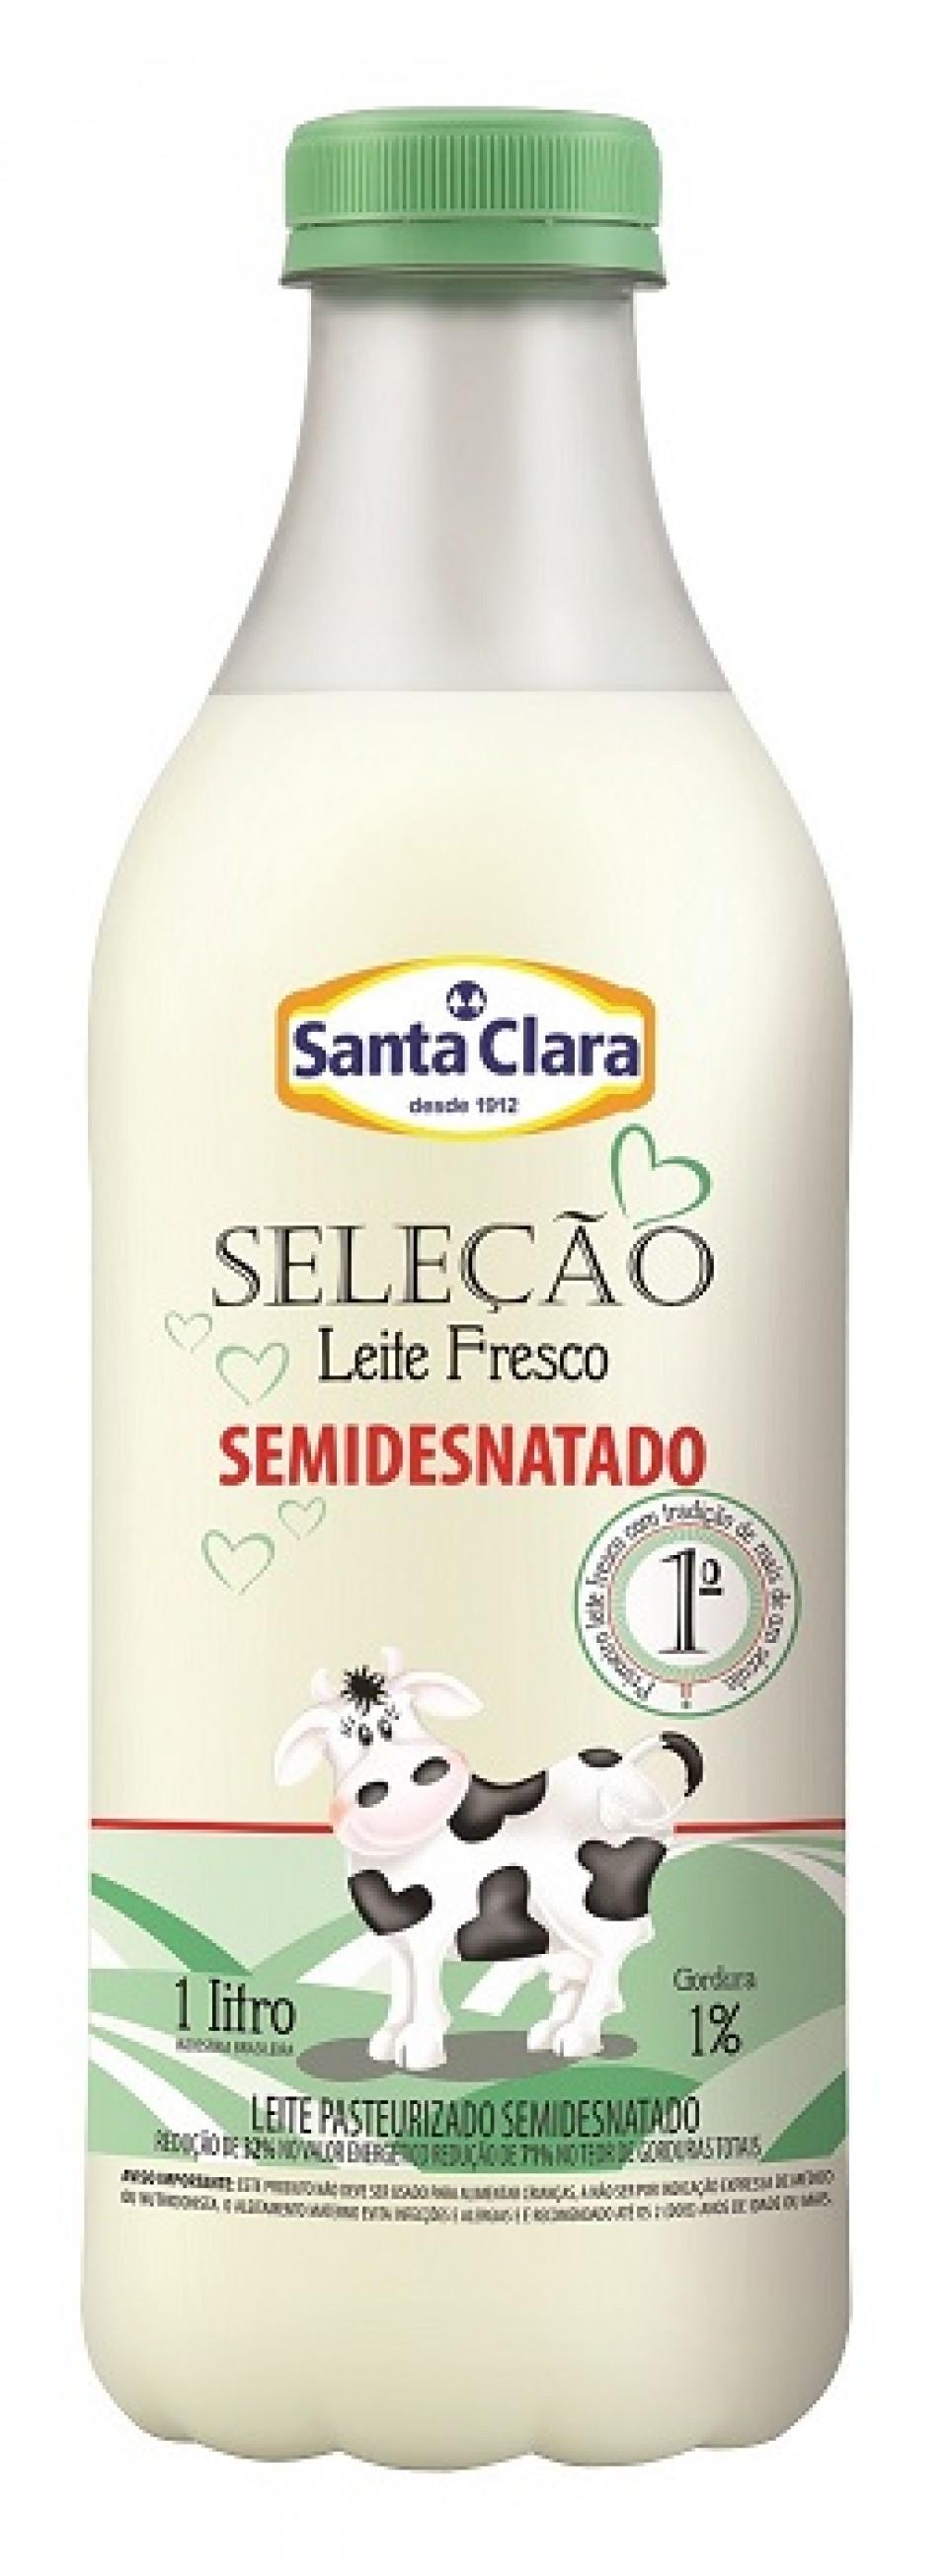 Leite Seleção Semidesnatado Santa Clara chega ao mercado | Blog Santa Clara